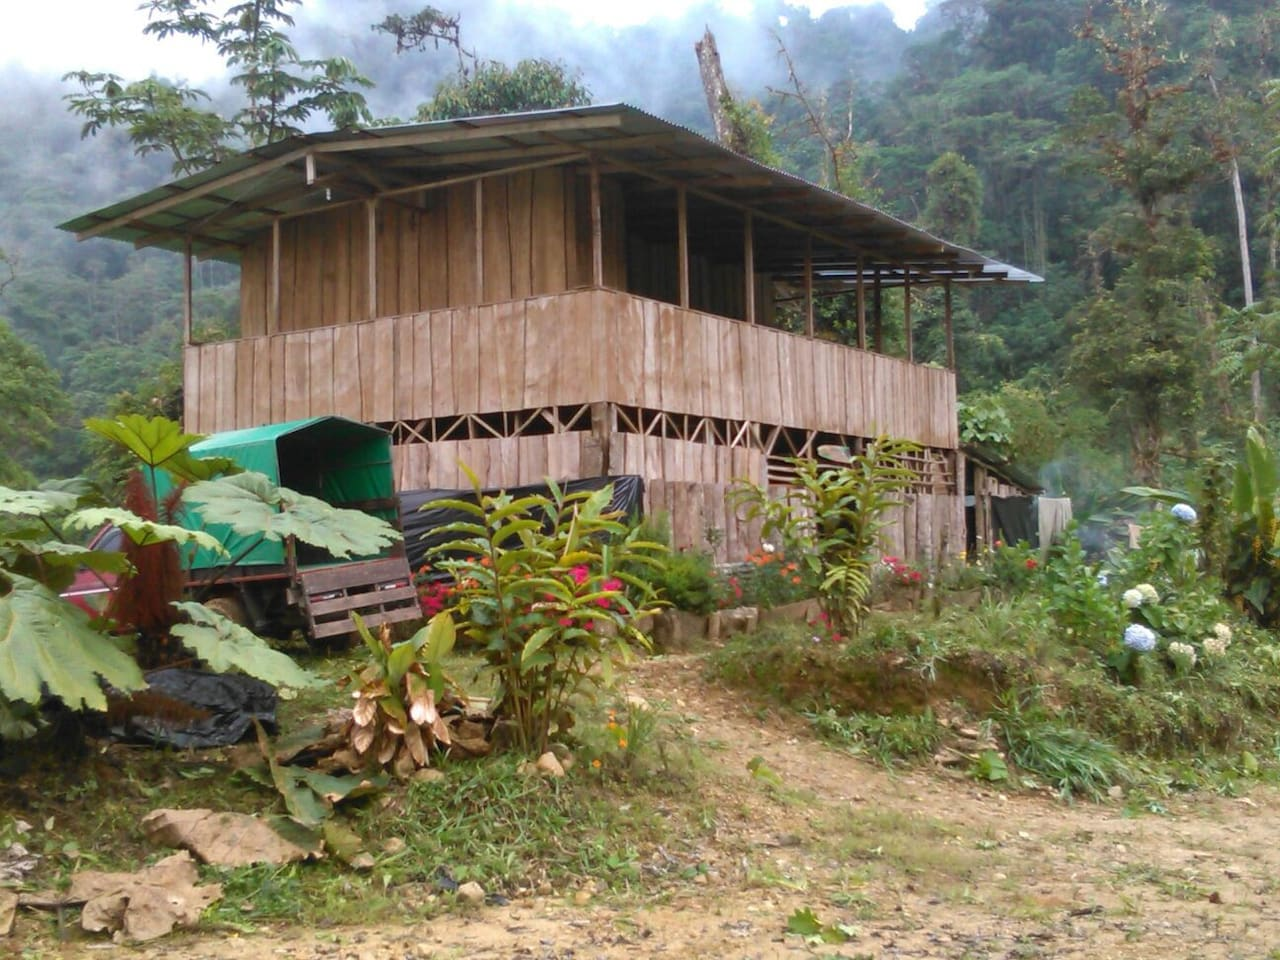 Cocina compartida con leña y gas, 2 camas matrimoniales, turismo rural albergue de montaña, 1800 metros de altura. Caminatas, vista de aves de la zona y mucho mas. Tels. 2742 3148 8652 3742.